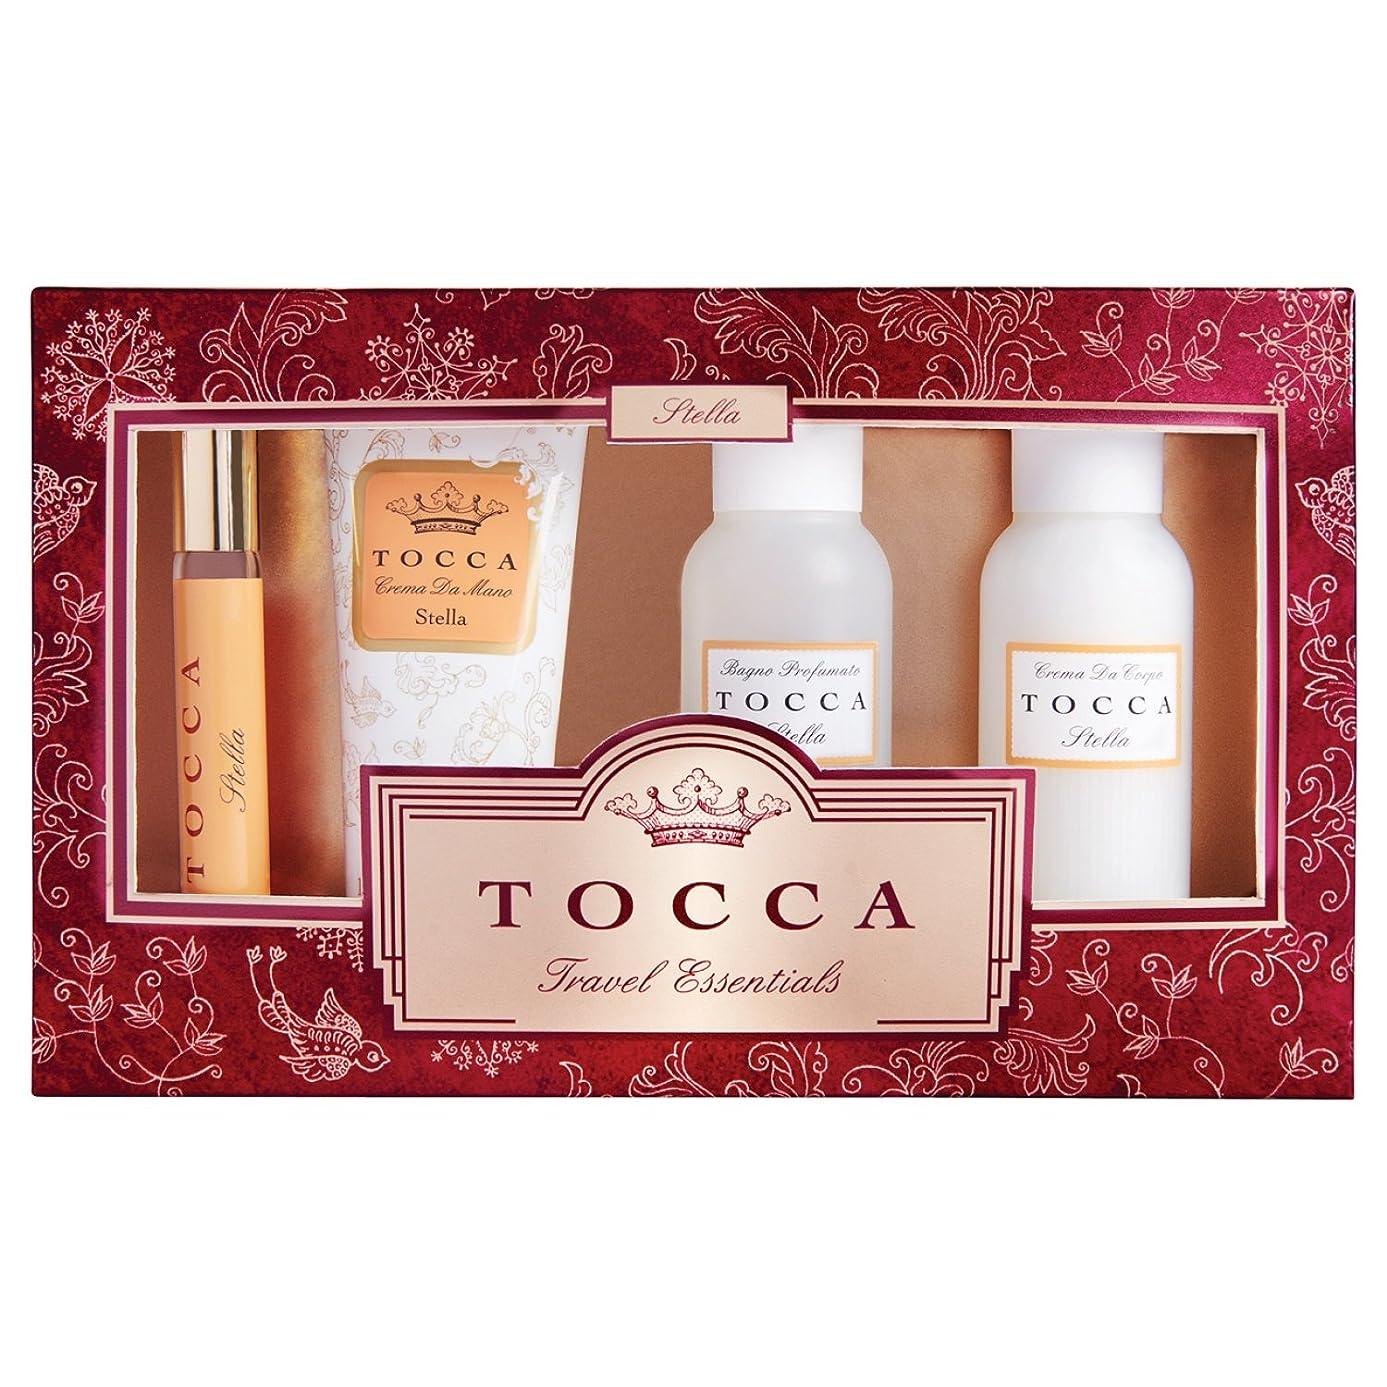 冗長手数料なぜならトッカ(TOCCA) トラベルエッセンシャルズセットギルディッド ステラの香り (限定コフレ?ギフト)